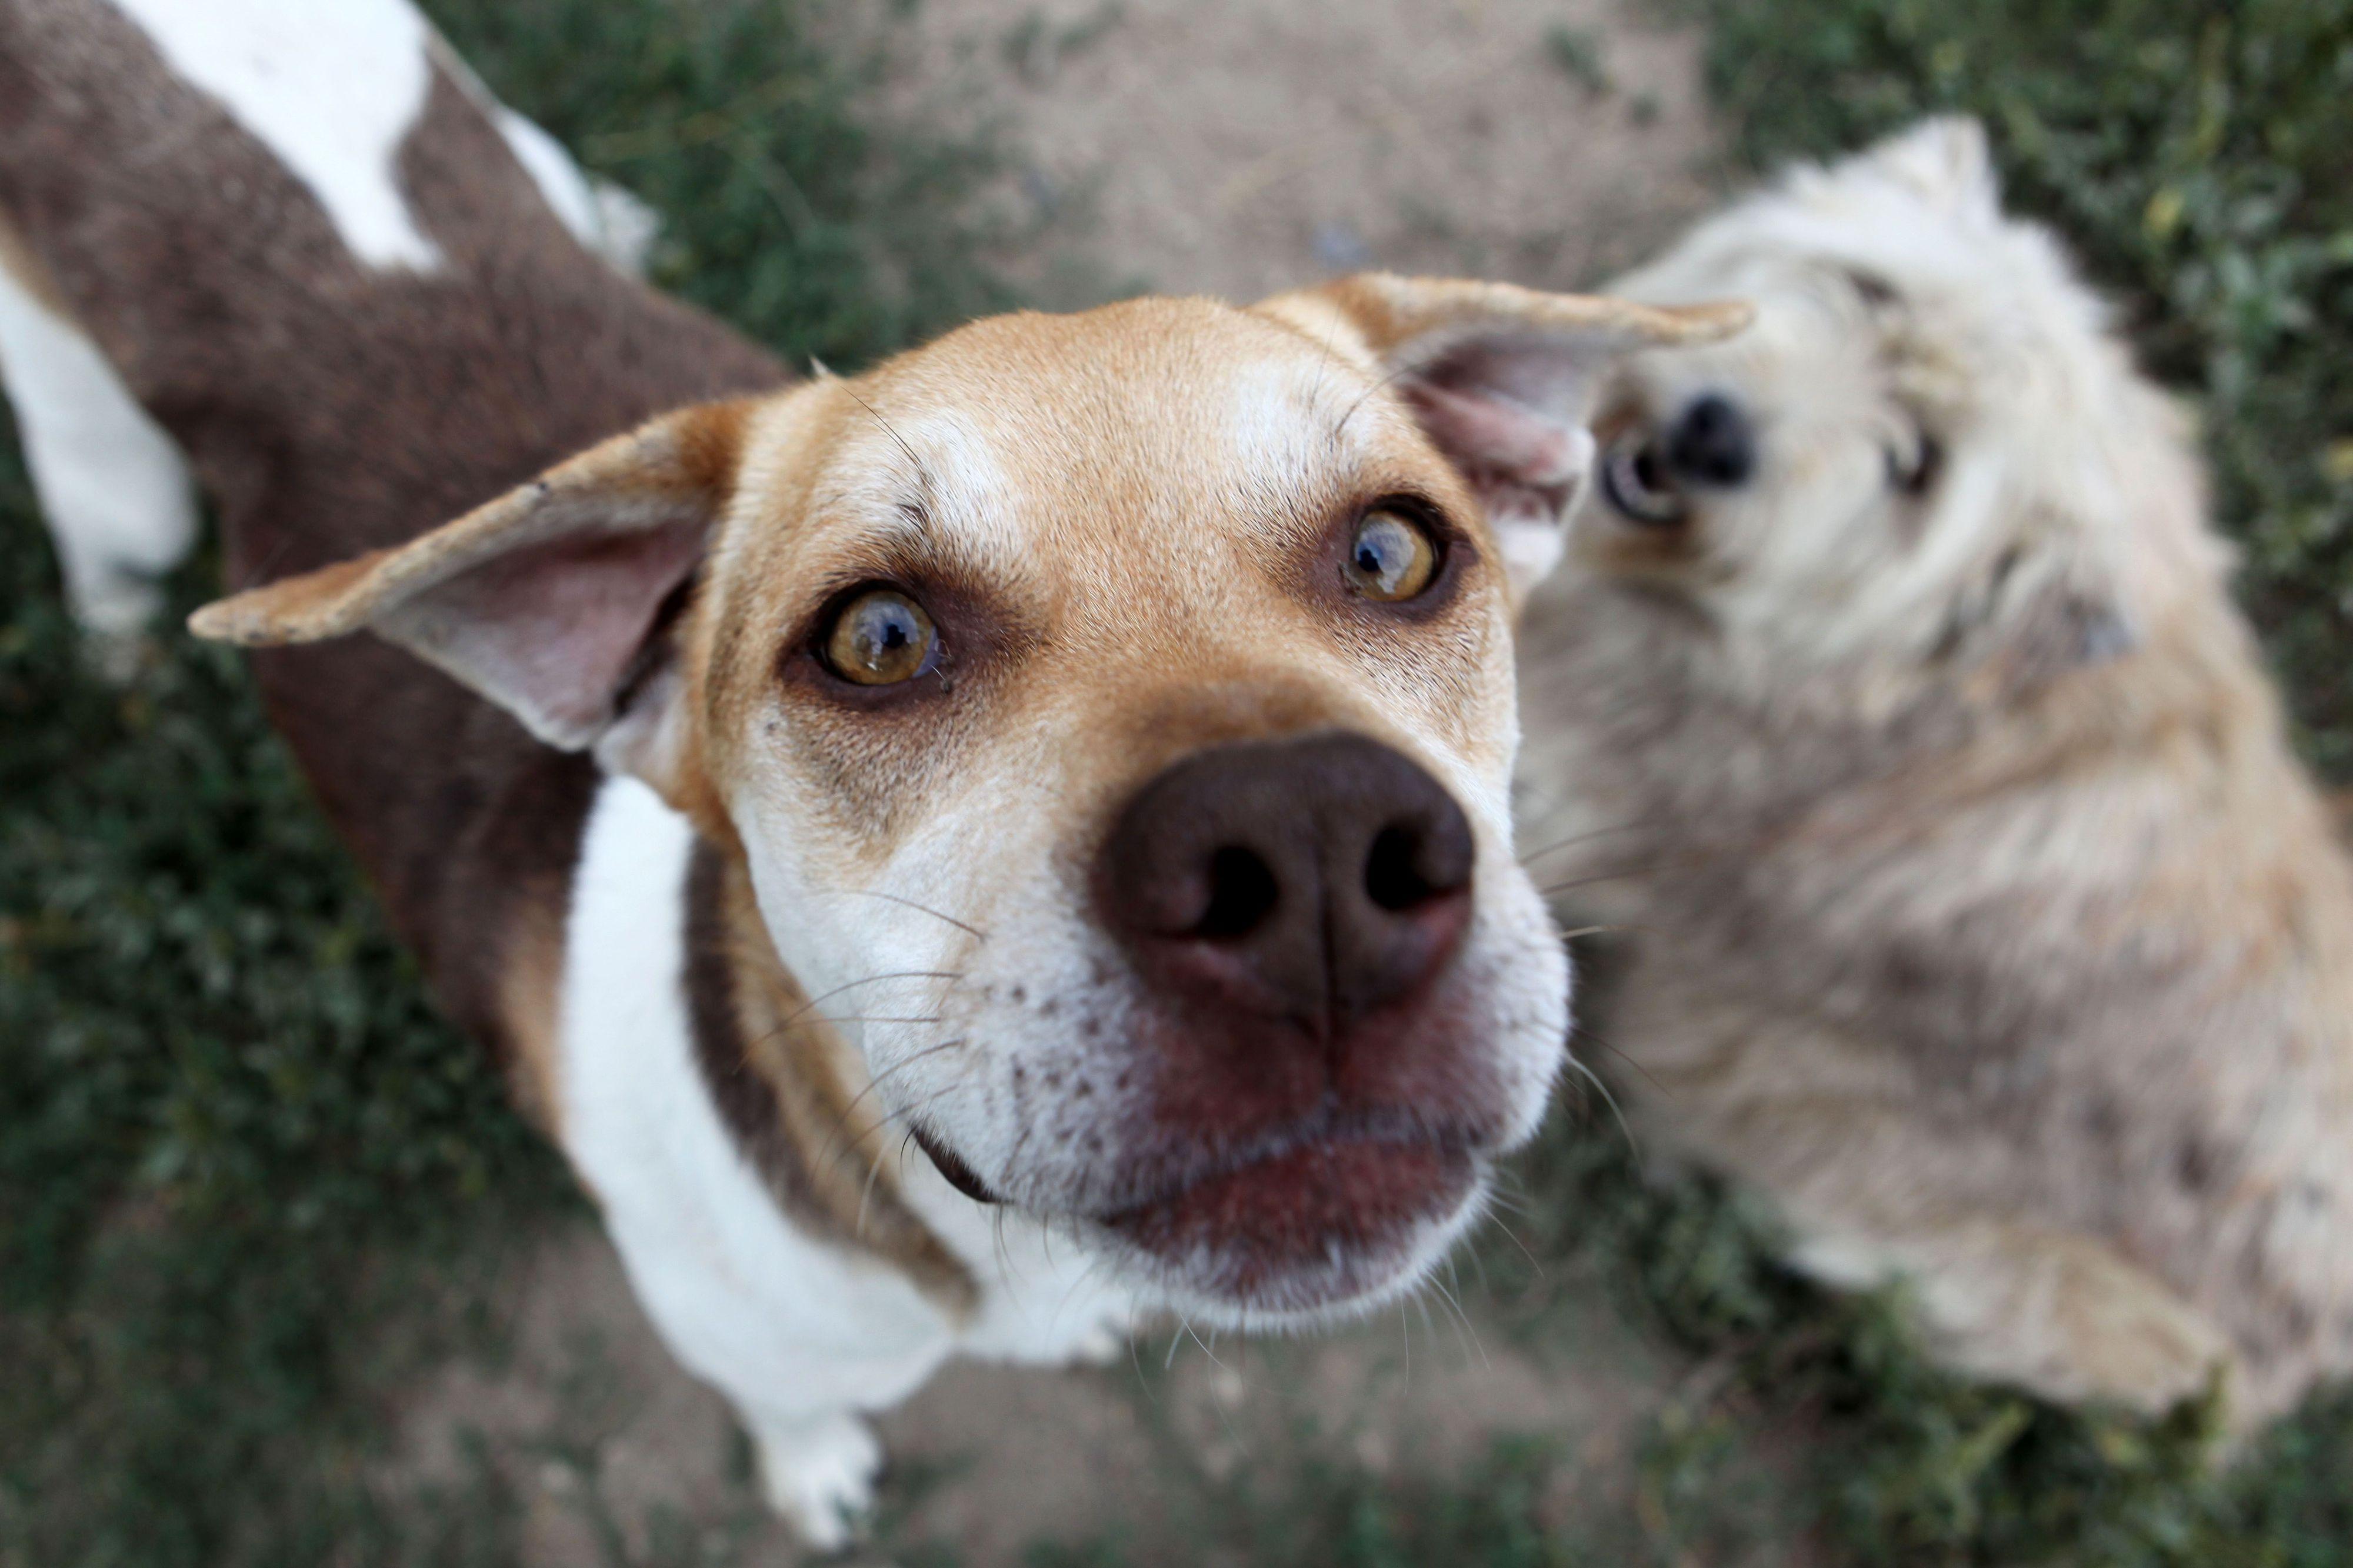 Bastonário dos Veterinários: Lei que criminaliza maus tratos a animais contribuiu para abandono